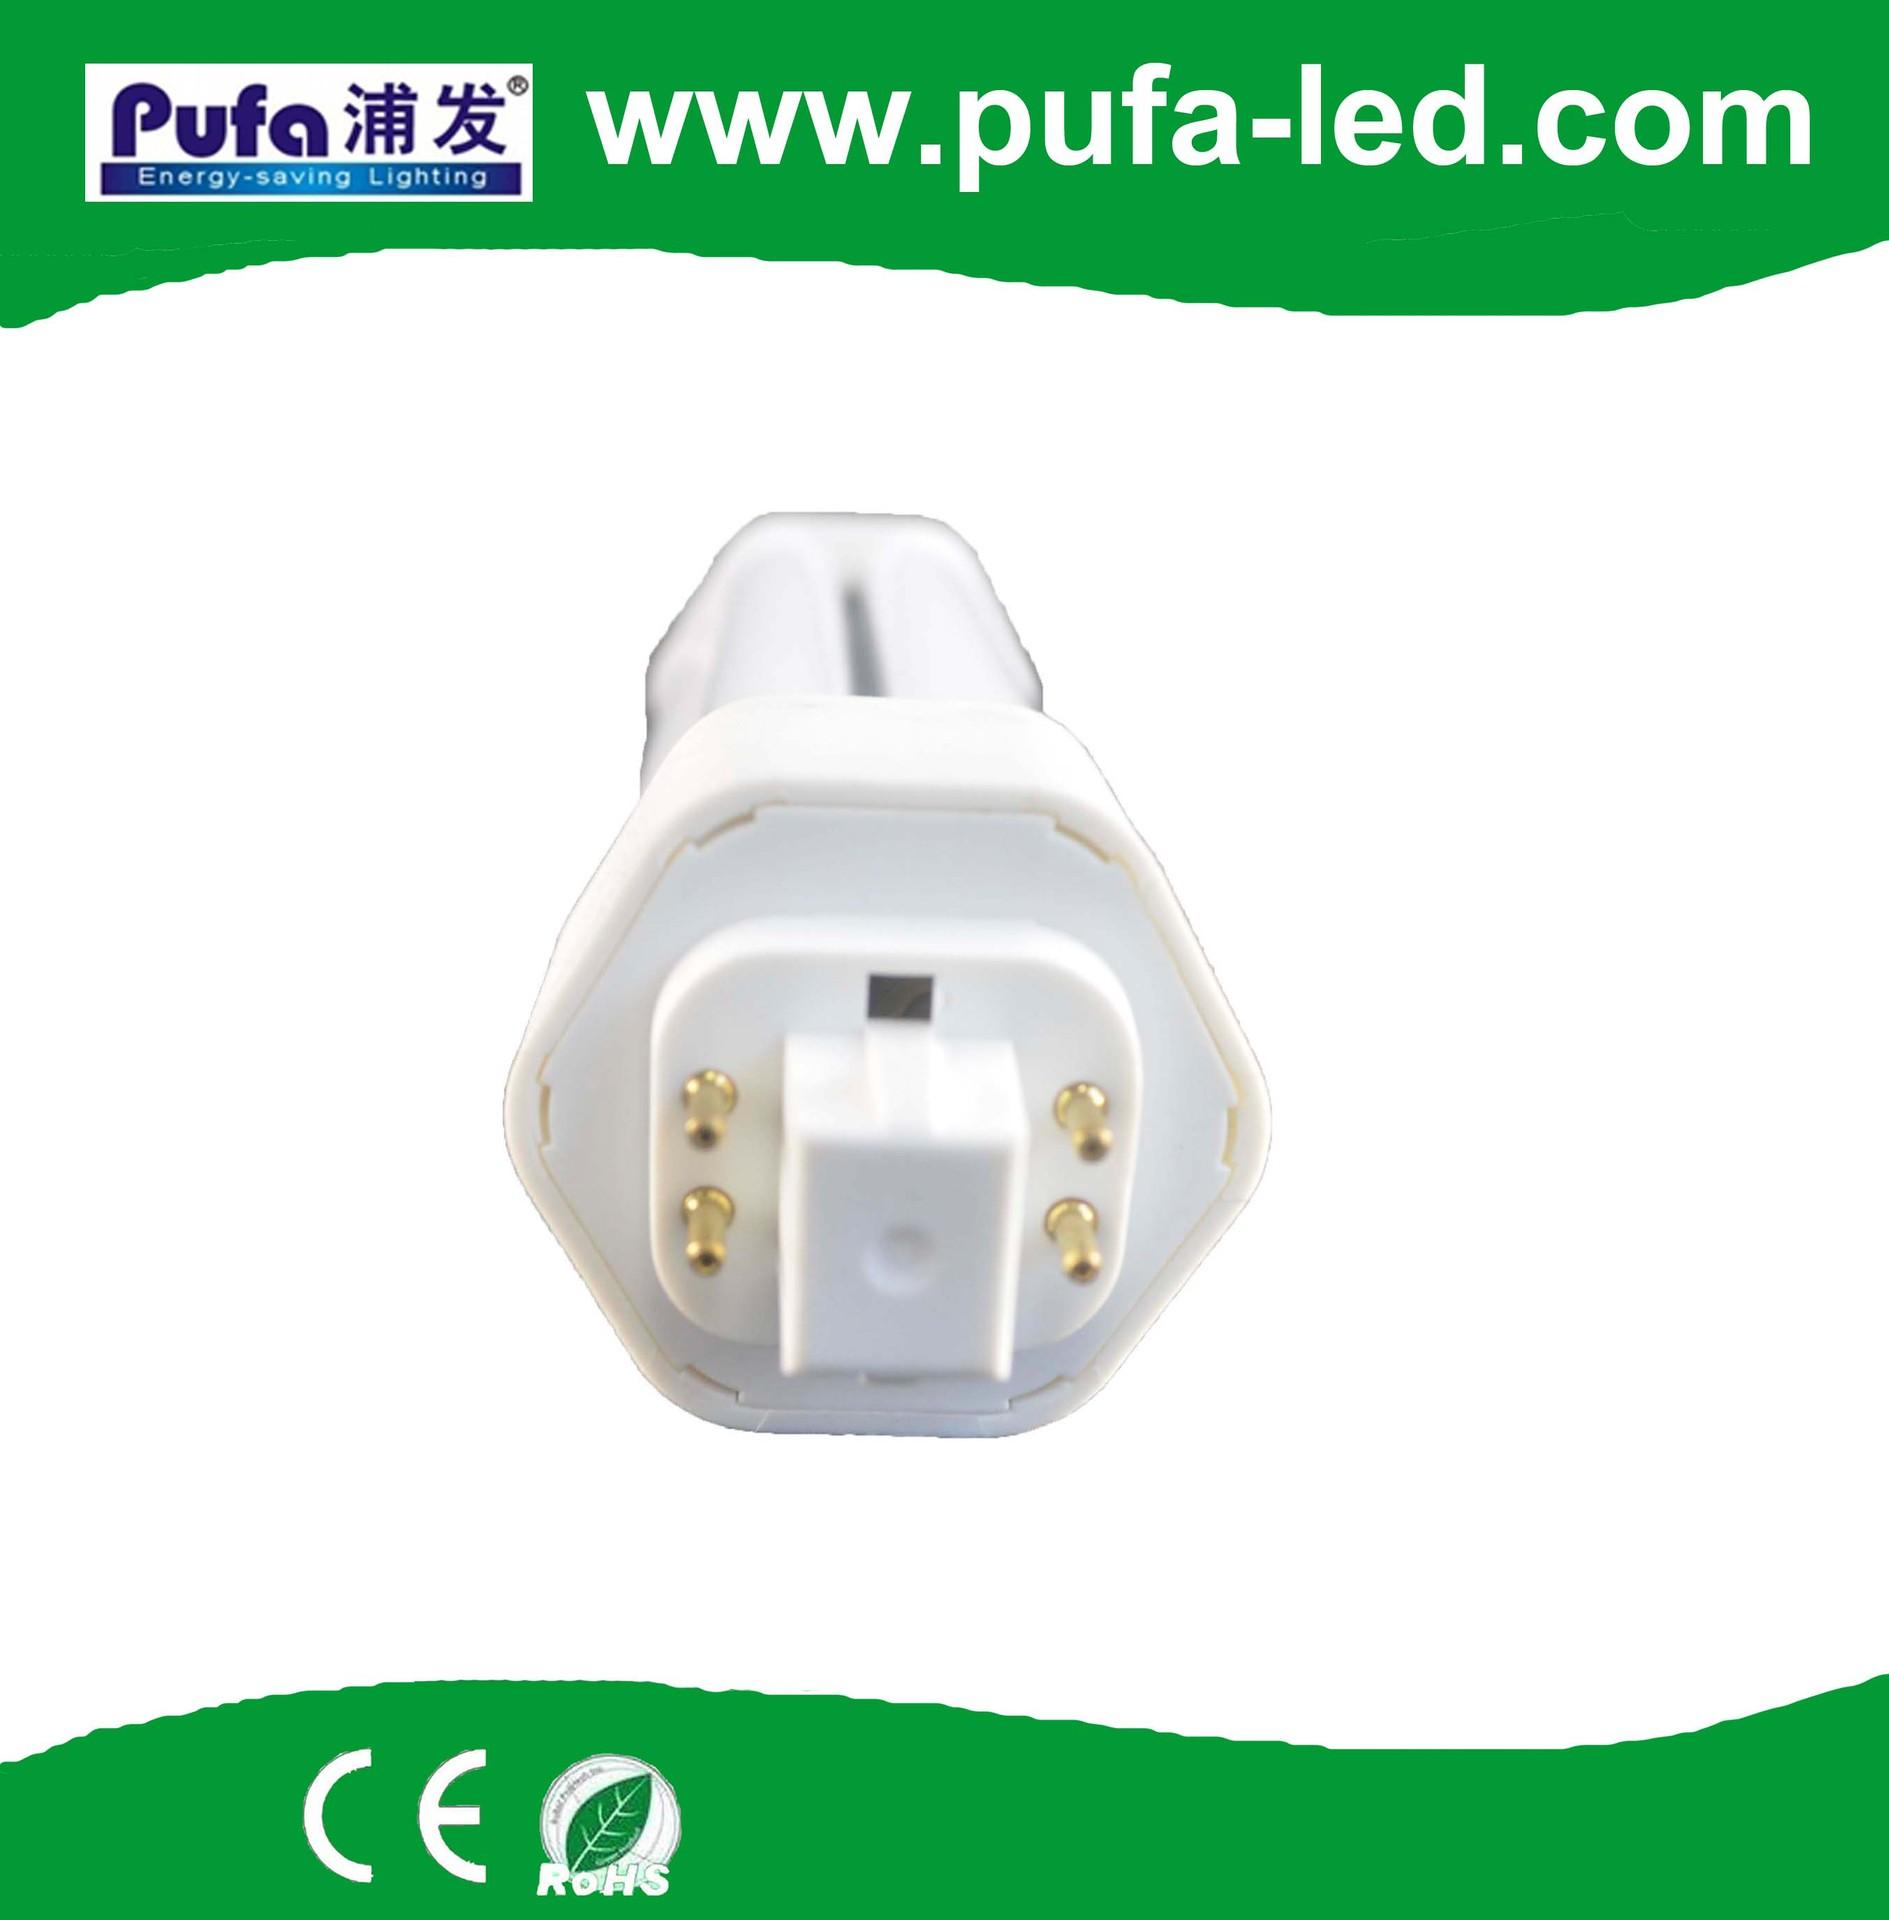 Bóng đèn cắm ngang 3U GX24q cắm cắm đèn ống dẫn ngang E27 đèn Ngô